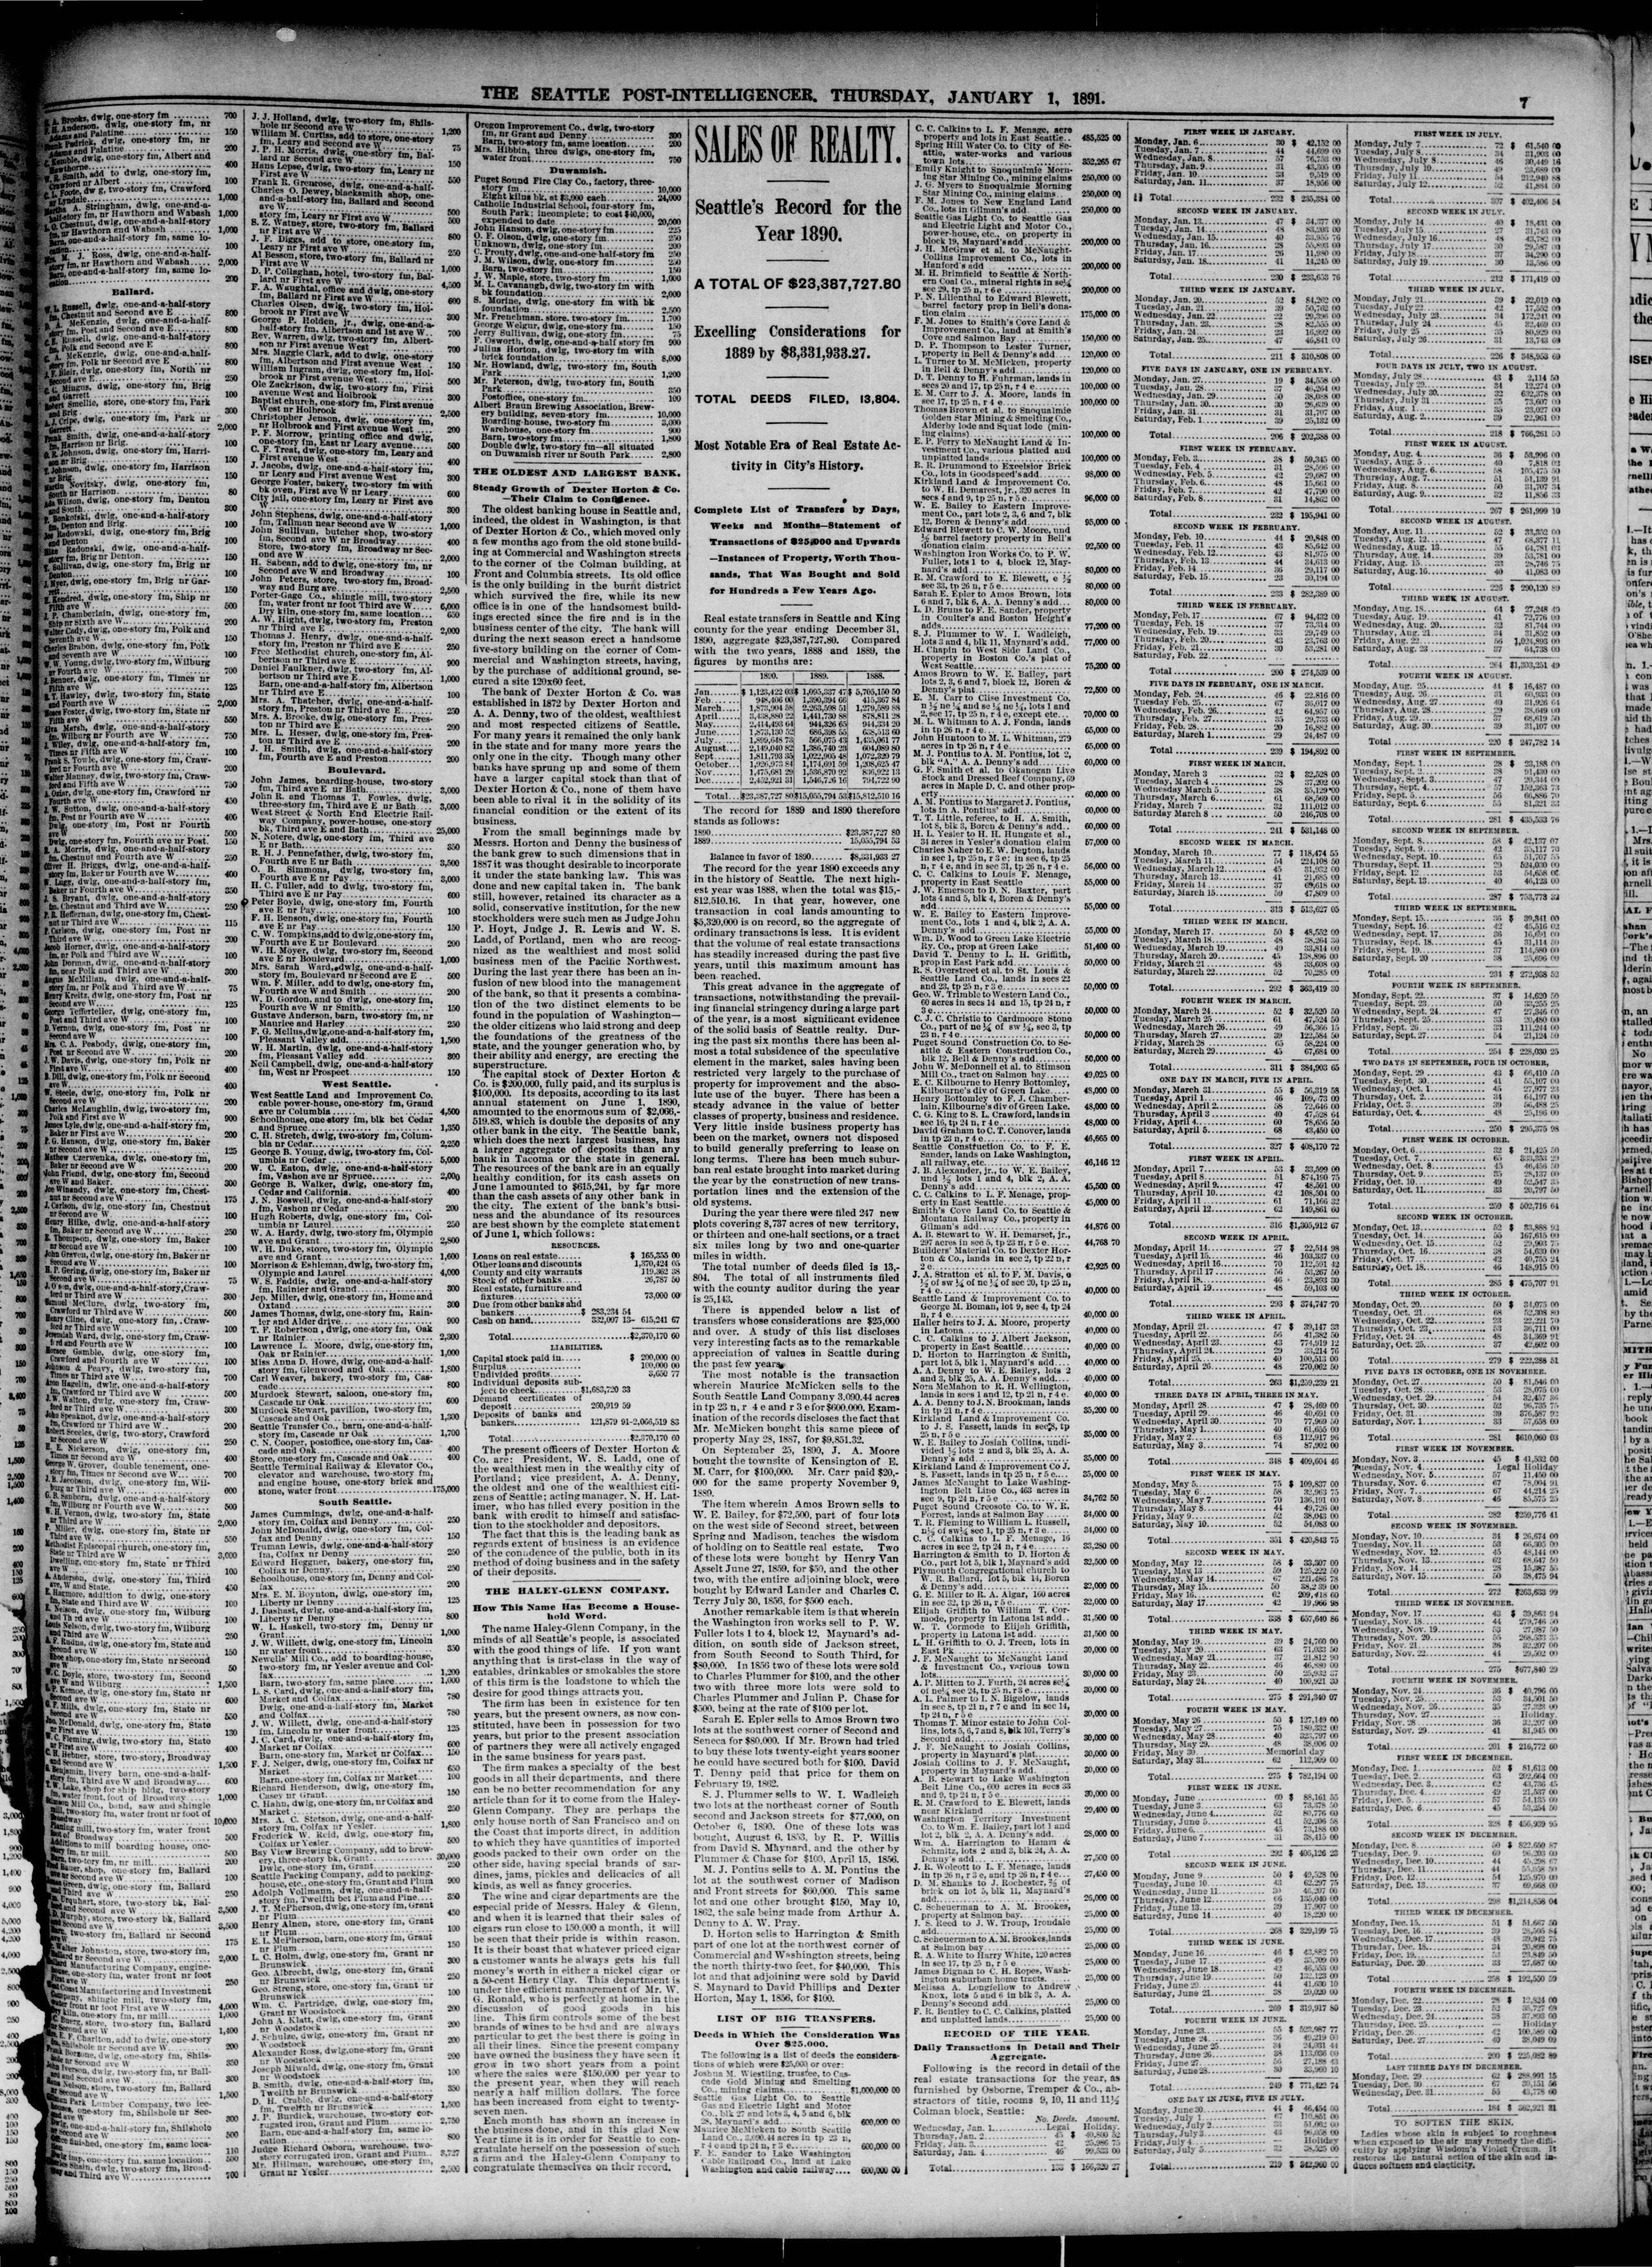 1890_Seattle_Buildings_2-page-001.jpg